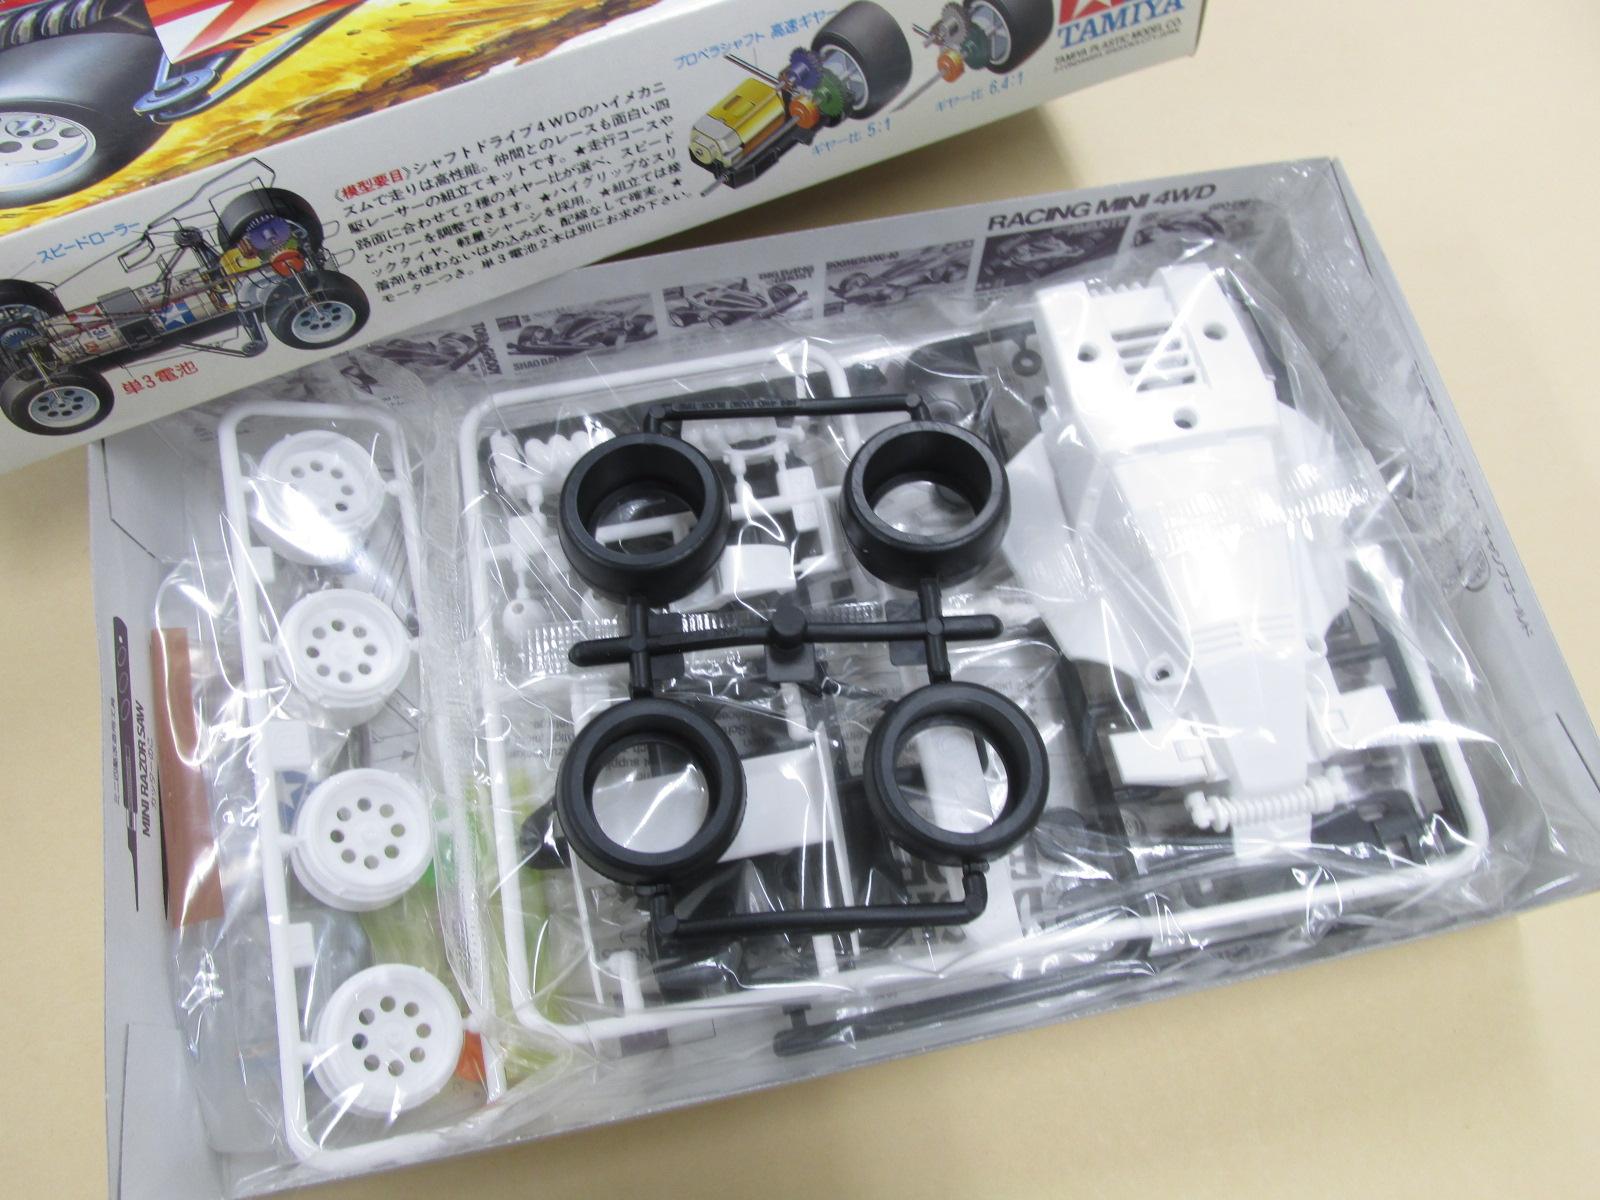 タミヤ 1/32スケール レーサーミニ四駆シリーズNo.25 ダッシュ1号 皇帝(エンペラー) タイプ3シャーシ仕様